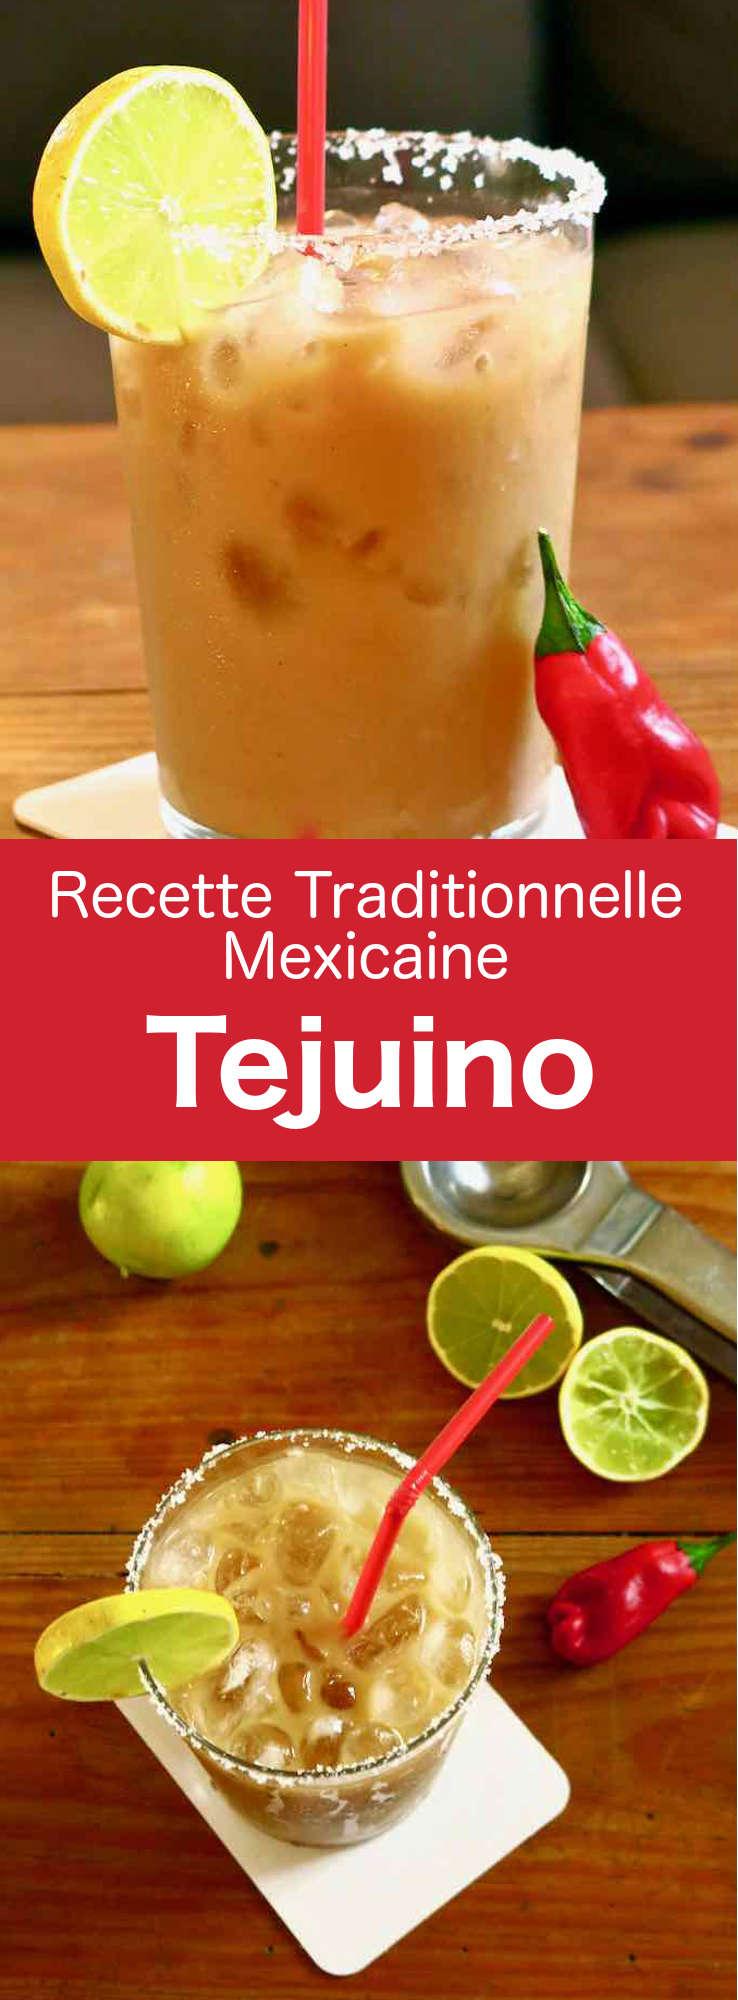 Le tejuino est une délicieuse boisson fermentée mexicaine préparée avec une pâte de maïs (masa) mélangée à de l'eau, du piloncillo et du citron vert. #Mexique #RecetteMexicaine #CuisineDuMonde #196flavors